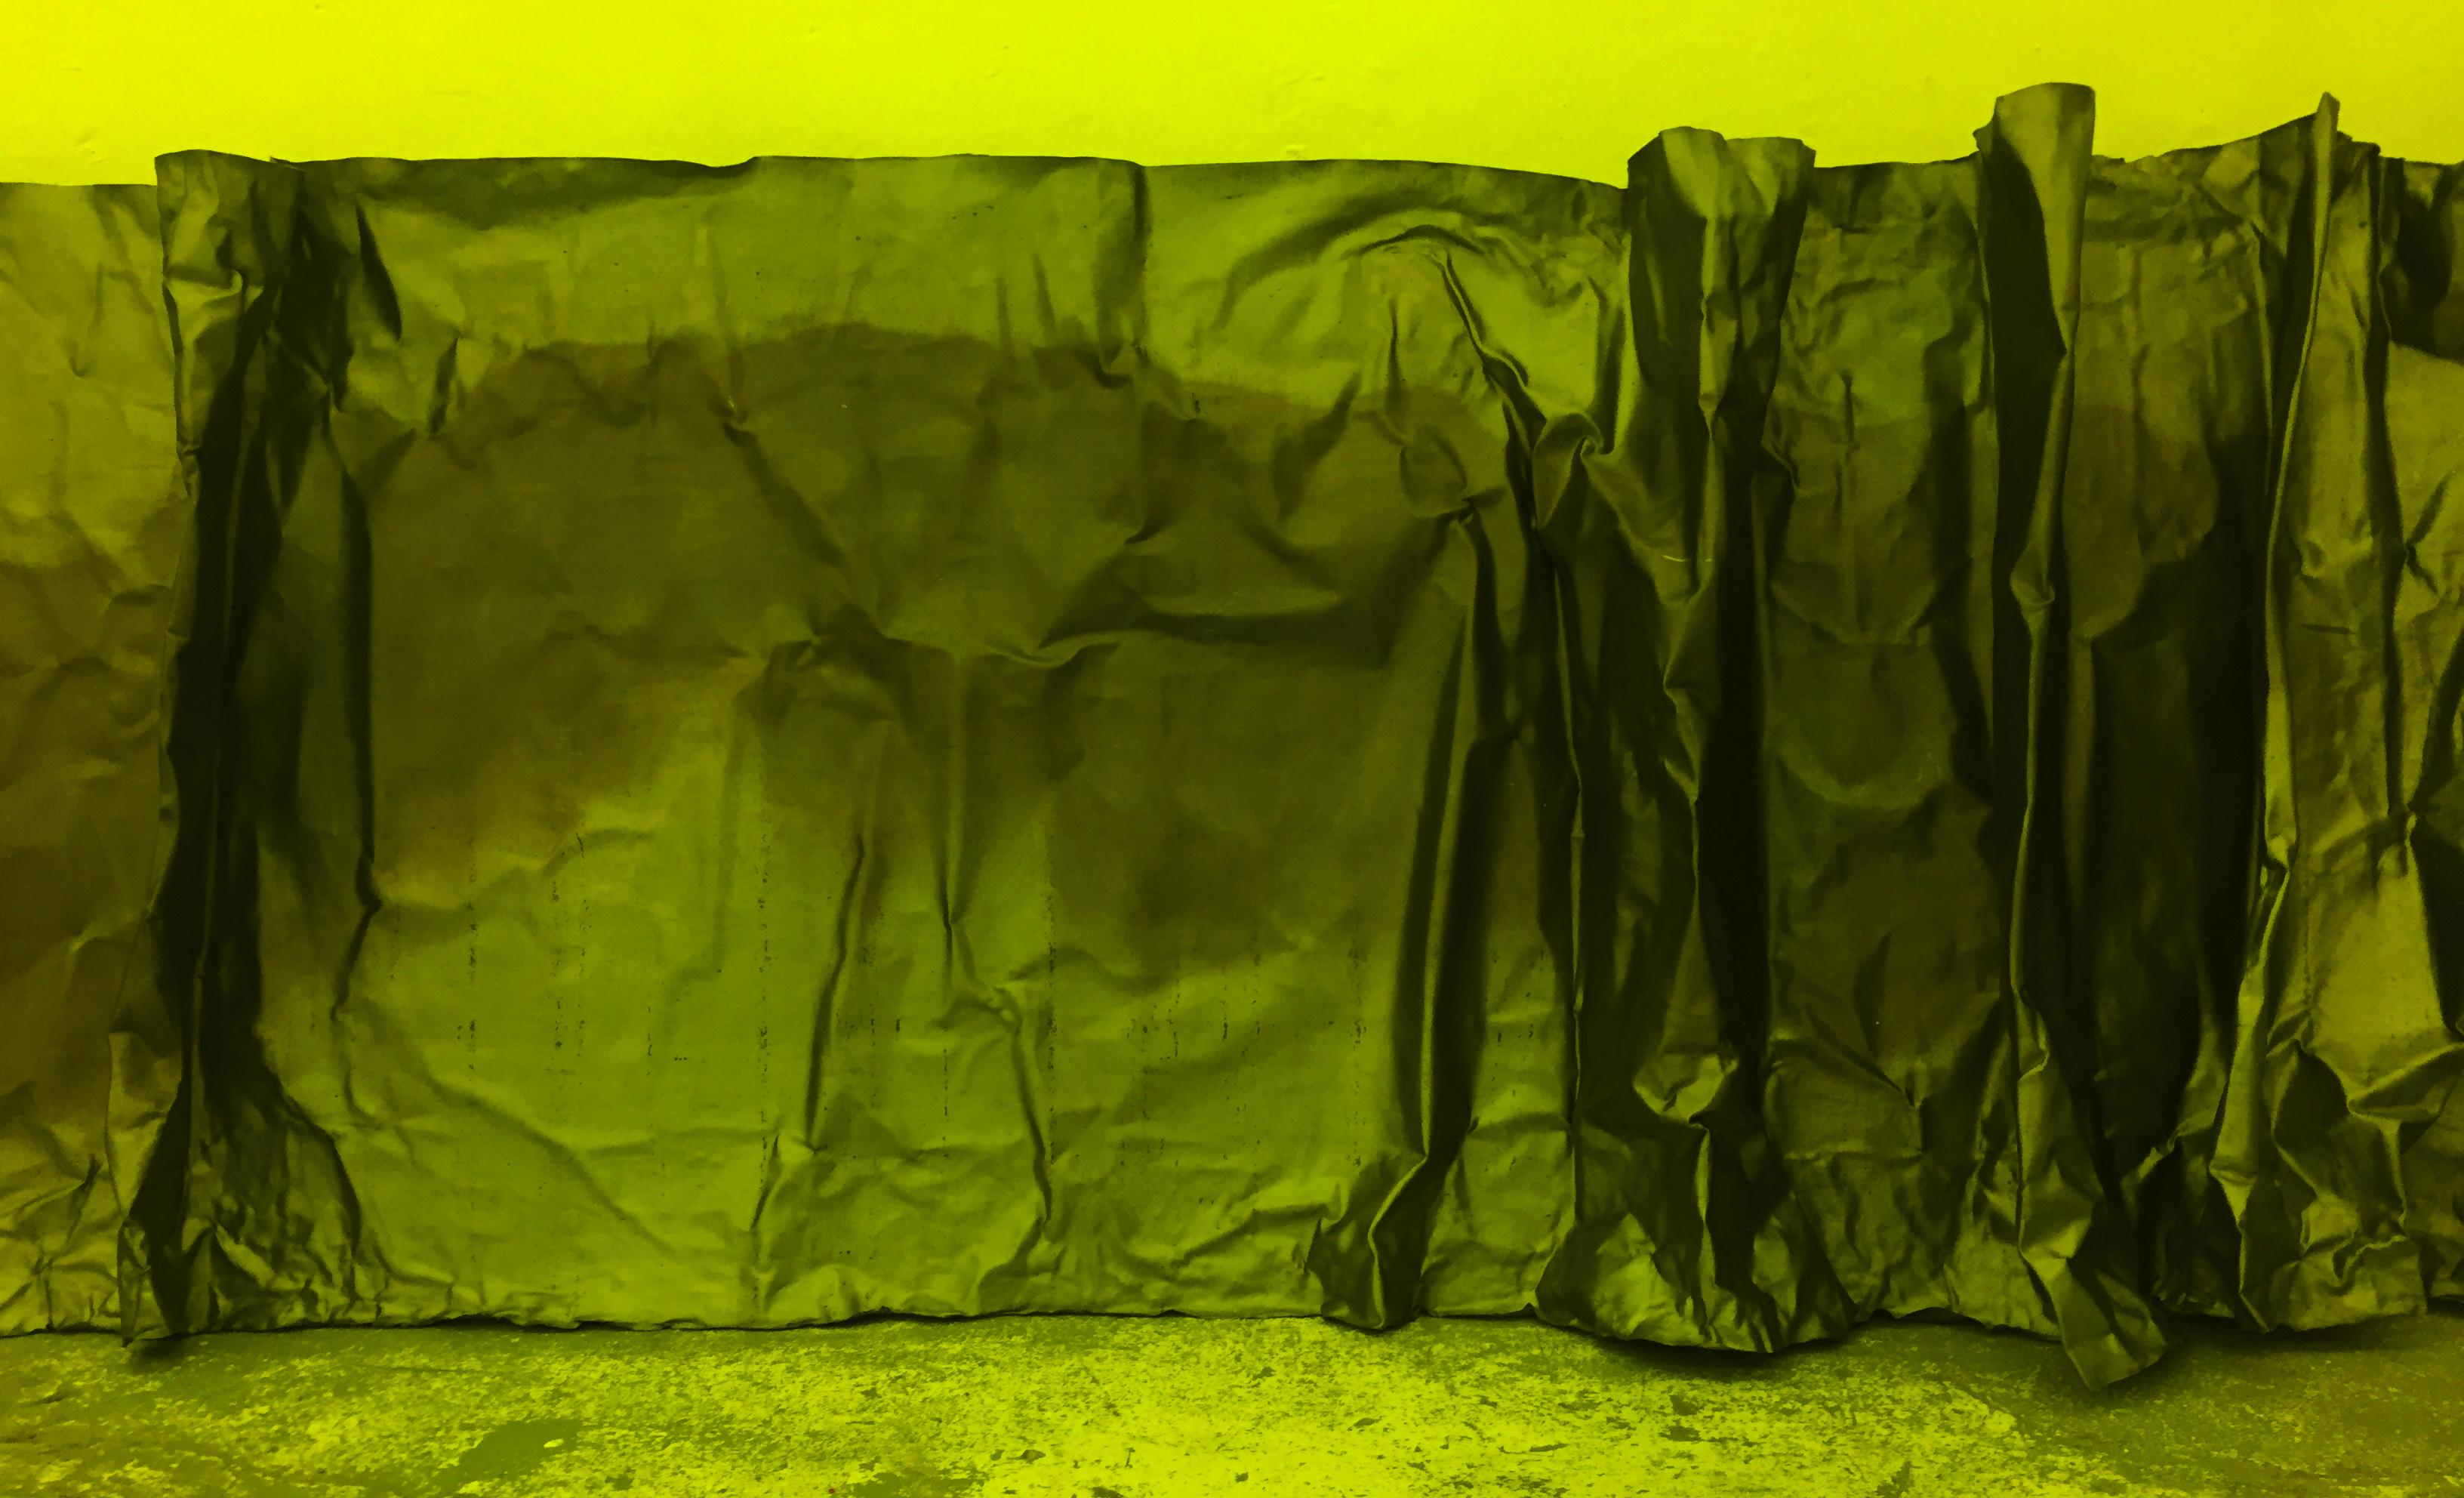 Monika Niwelińska, Osłona, 8 mb, emulsja światłoczuła, żółte powietrze, grafit, 2015, fot.Edyta Dufaj